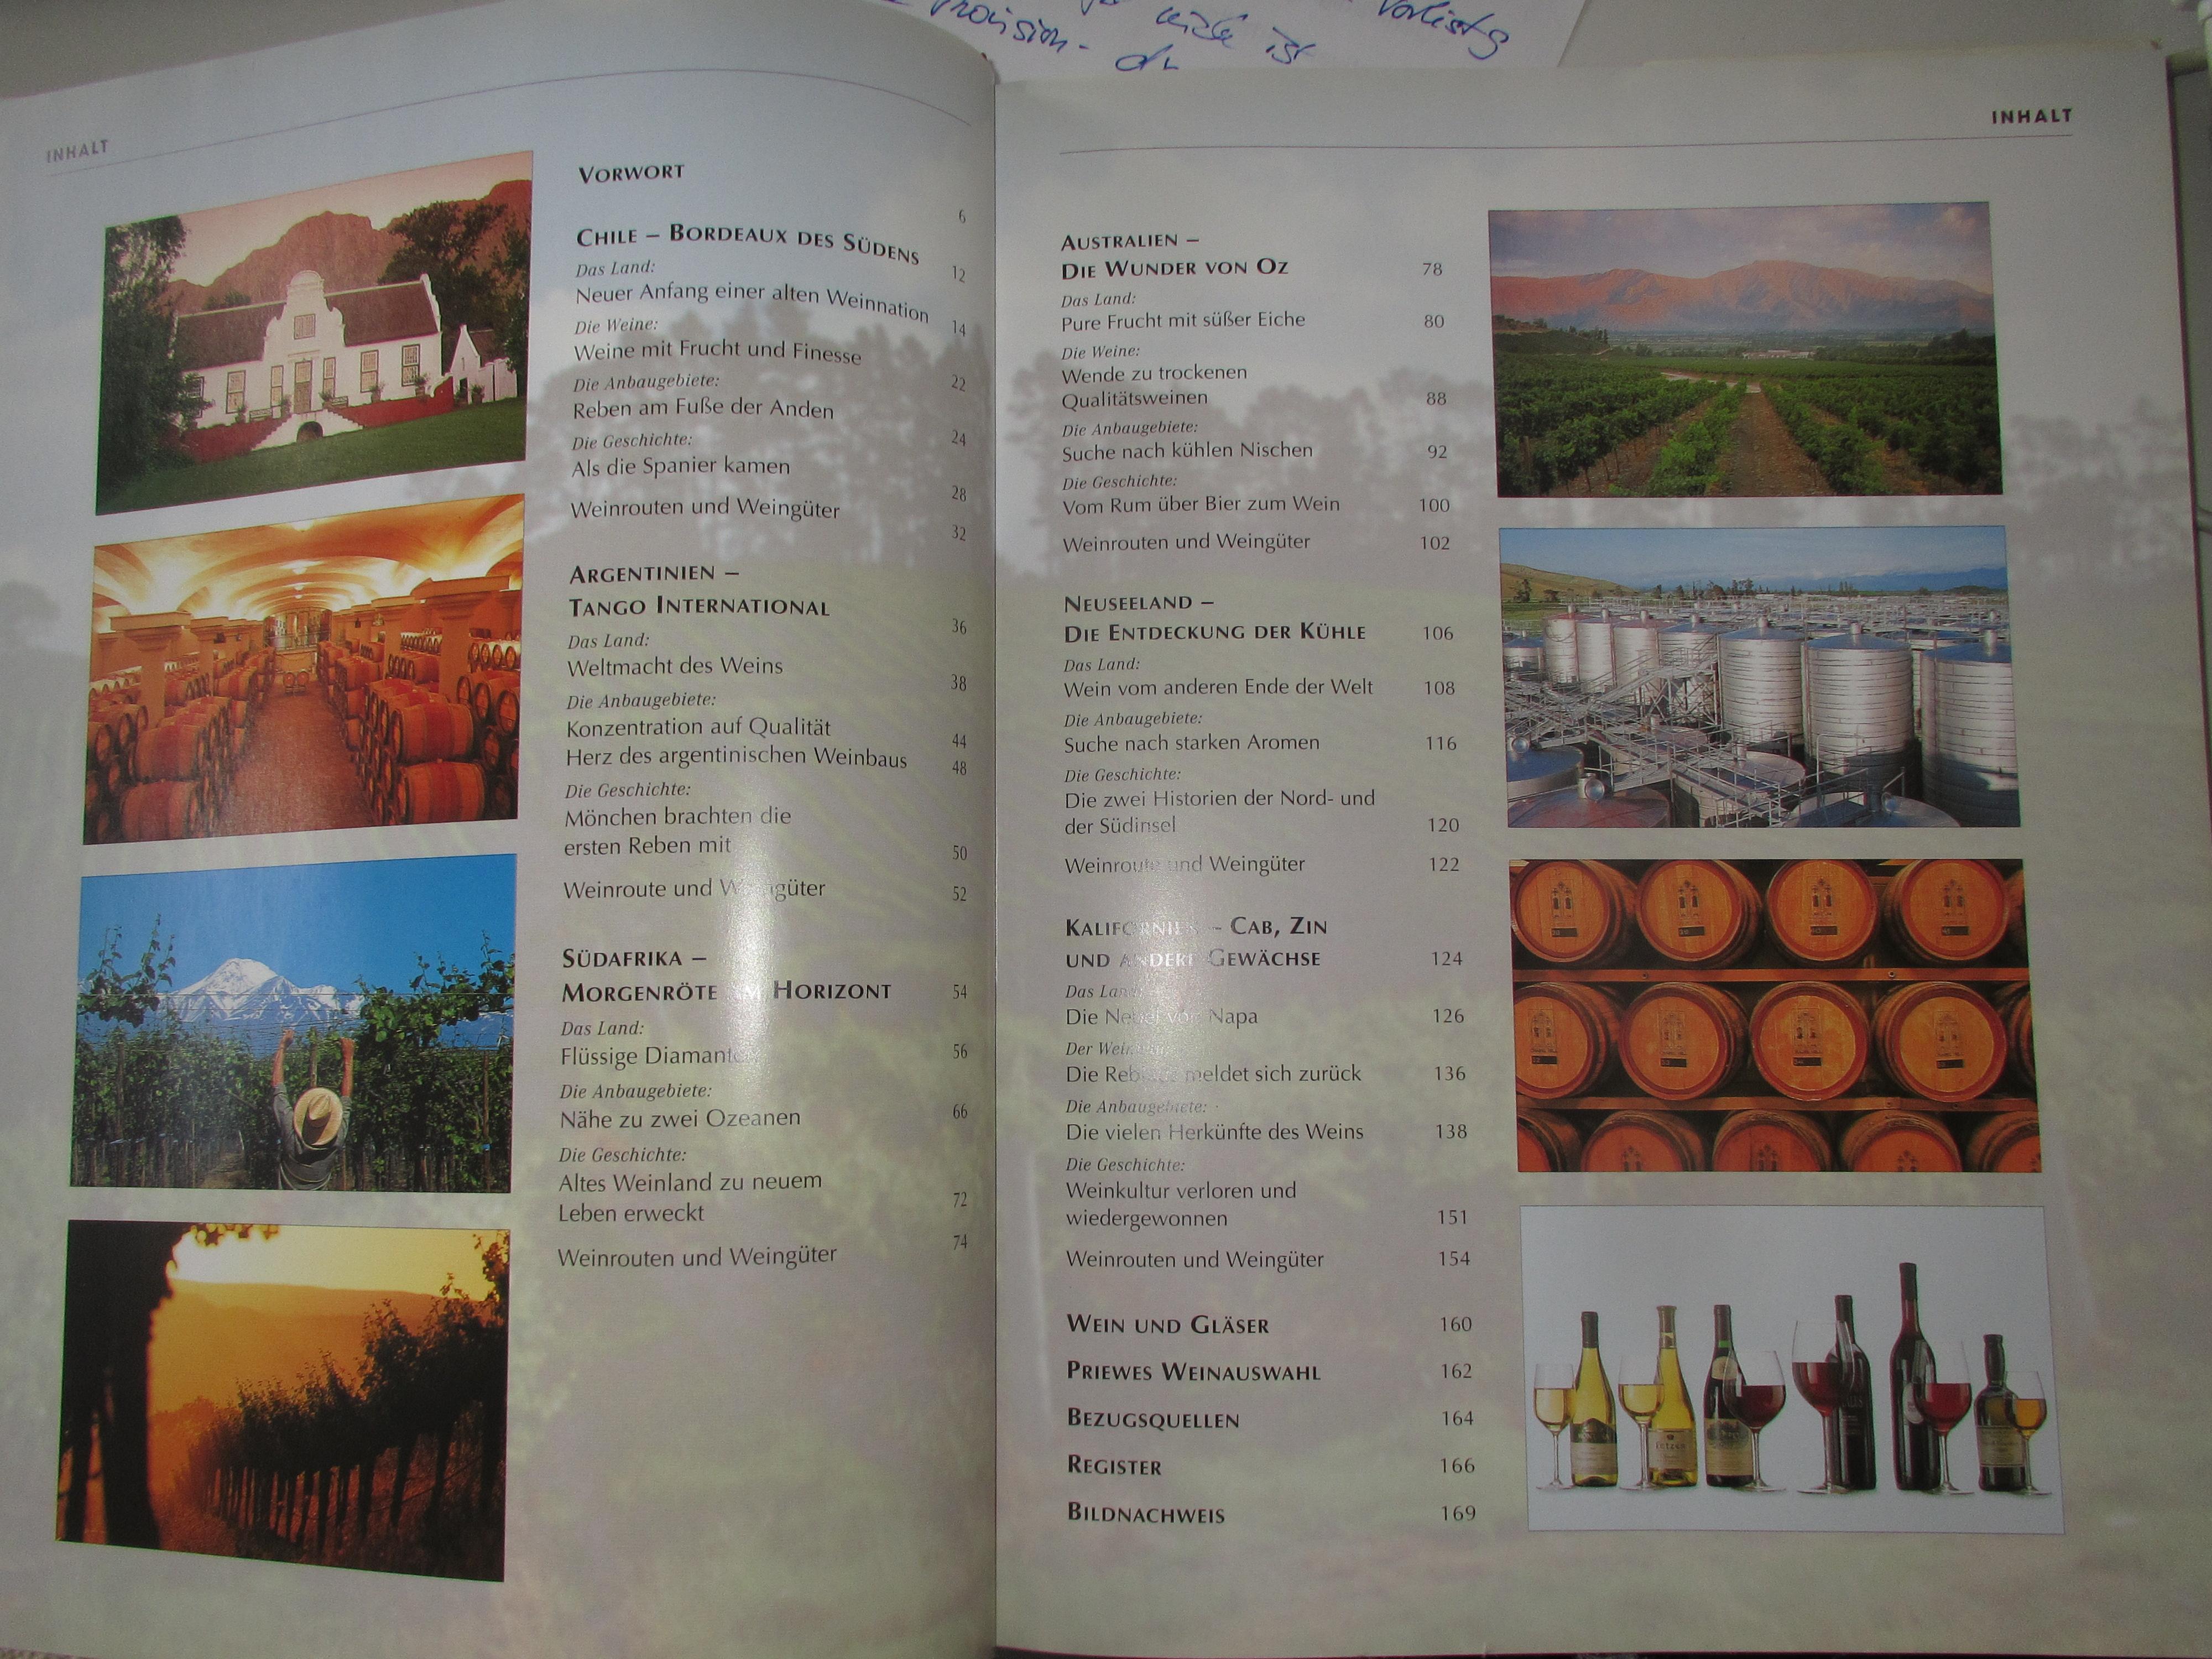 Wein - Die neue Welt kostenlos